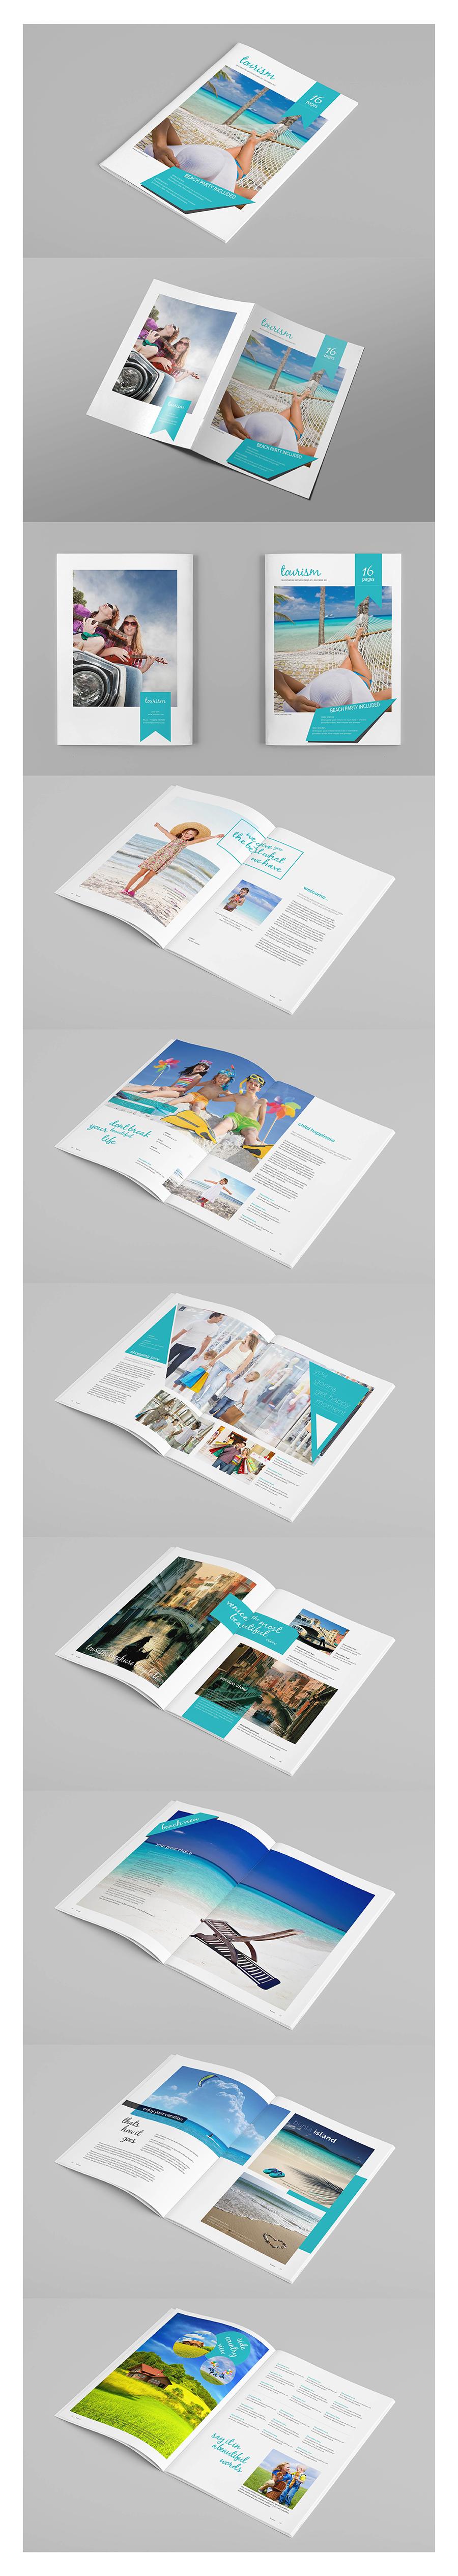 InDesign Brochure Template | Estudiantes, Catálogo y Verano